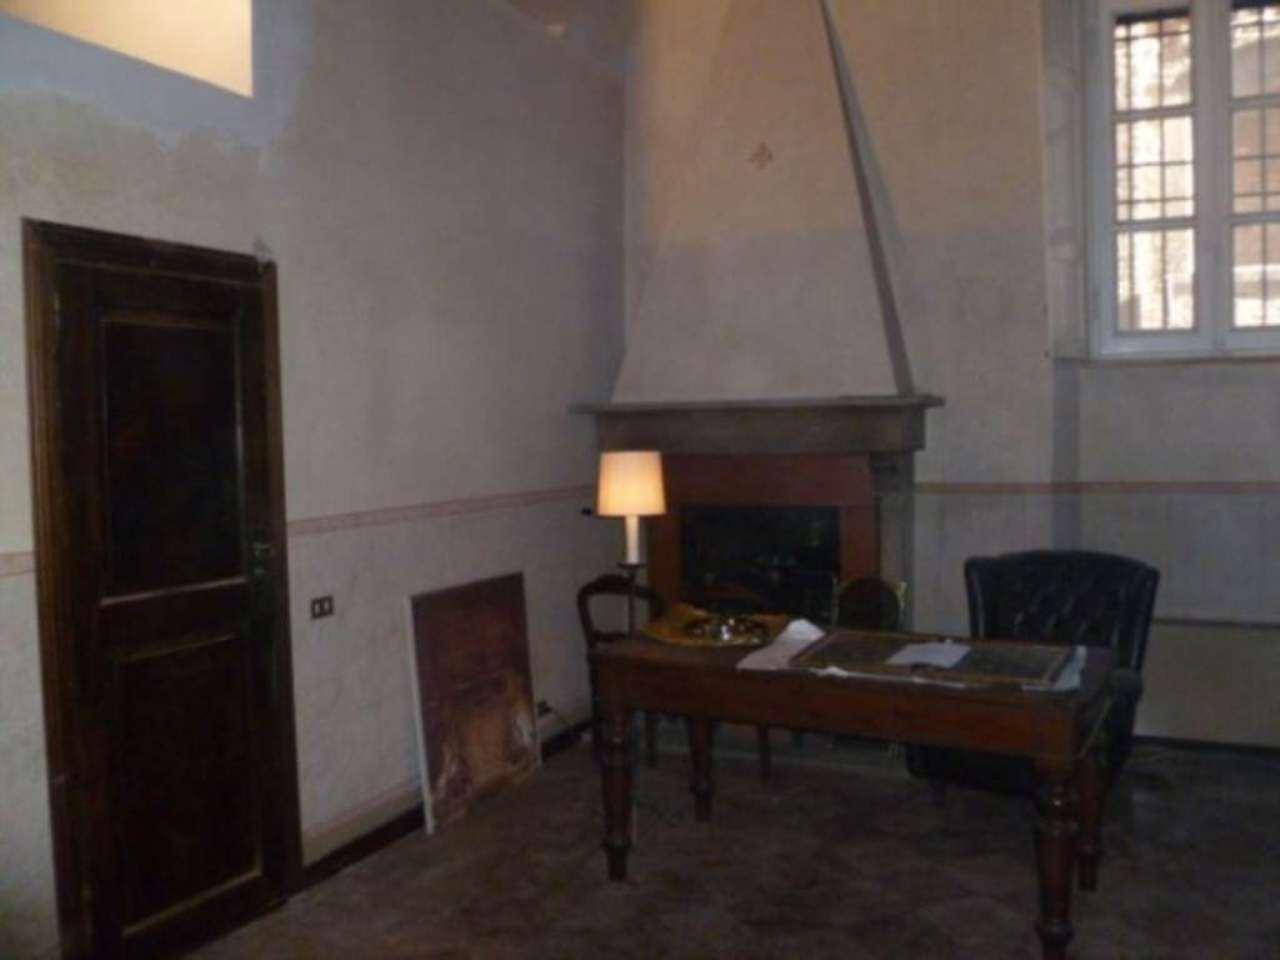 Ufficio / Studio in vendita a Pavia, 3 locali, prezzo € 180.000 | CambioCasa.it